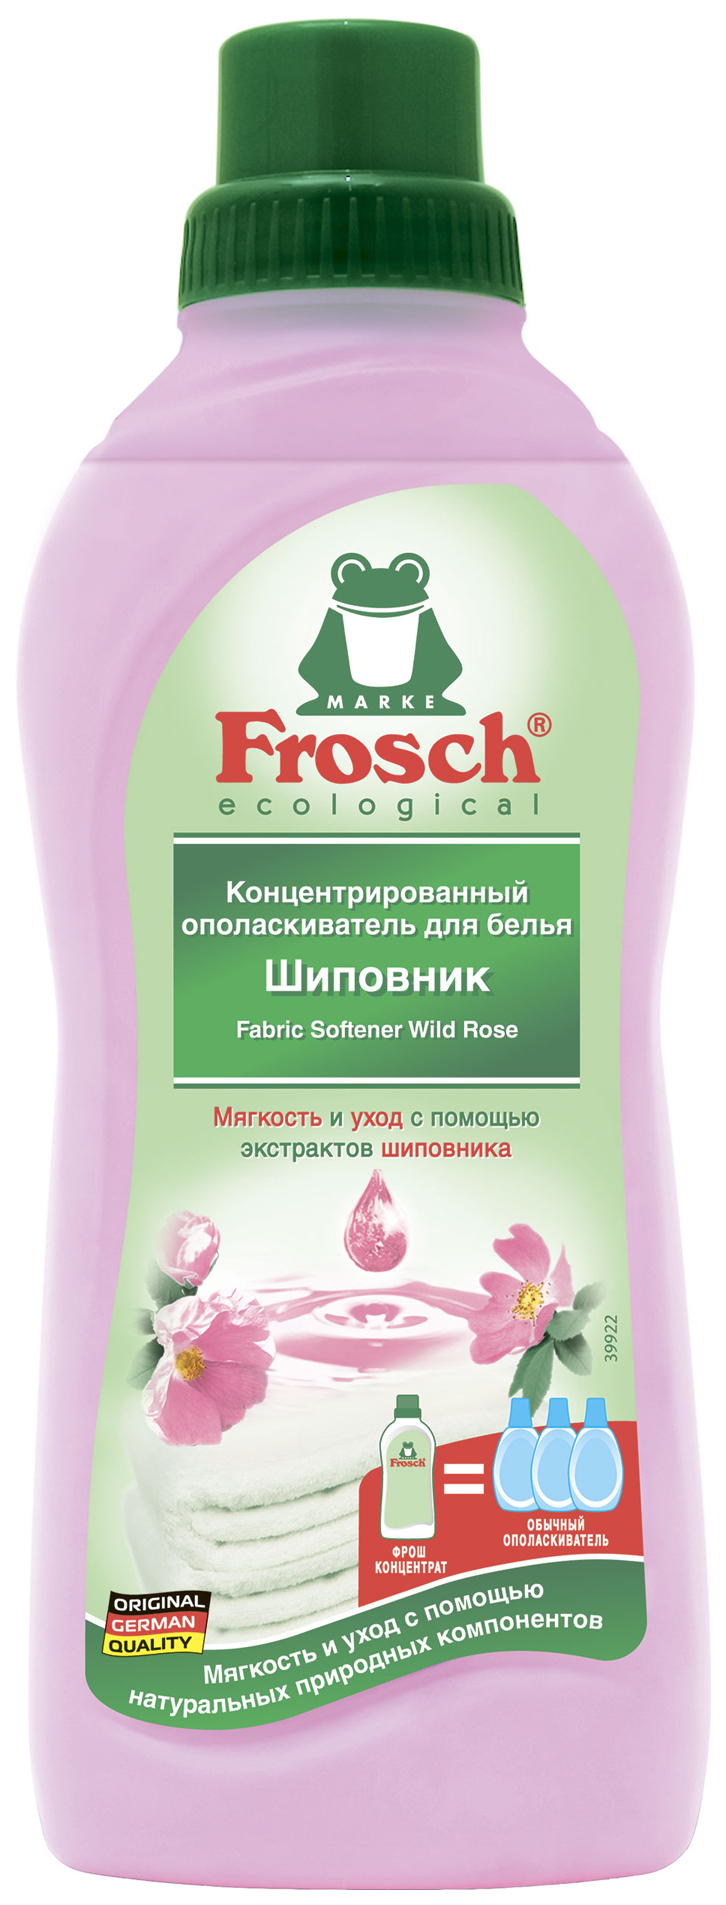 Ополаскиватель для белья Frosch шиповник 750 мл